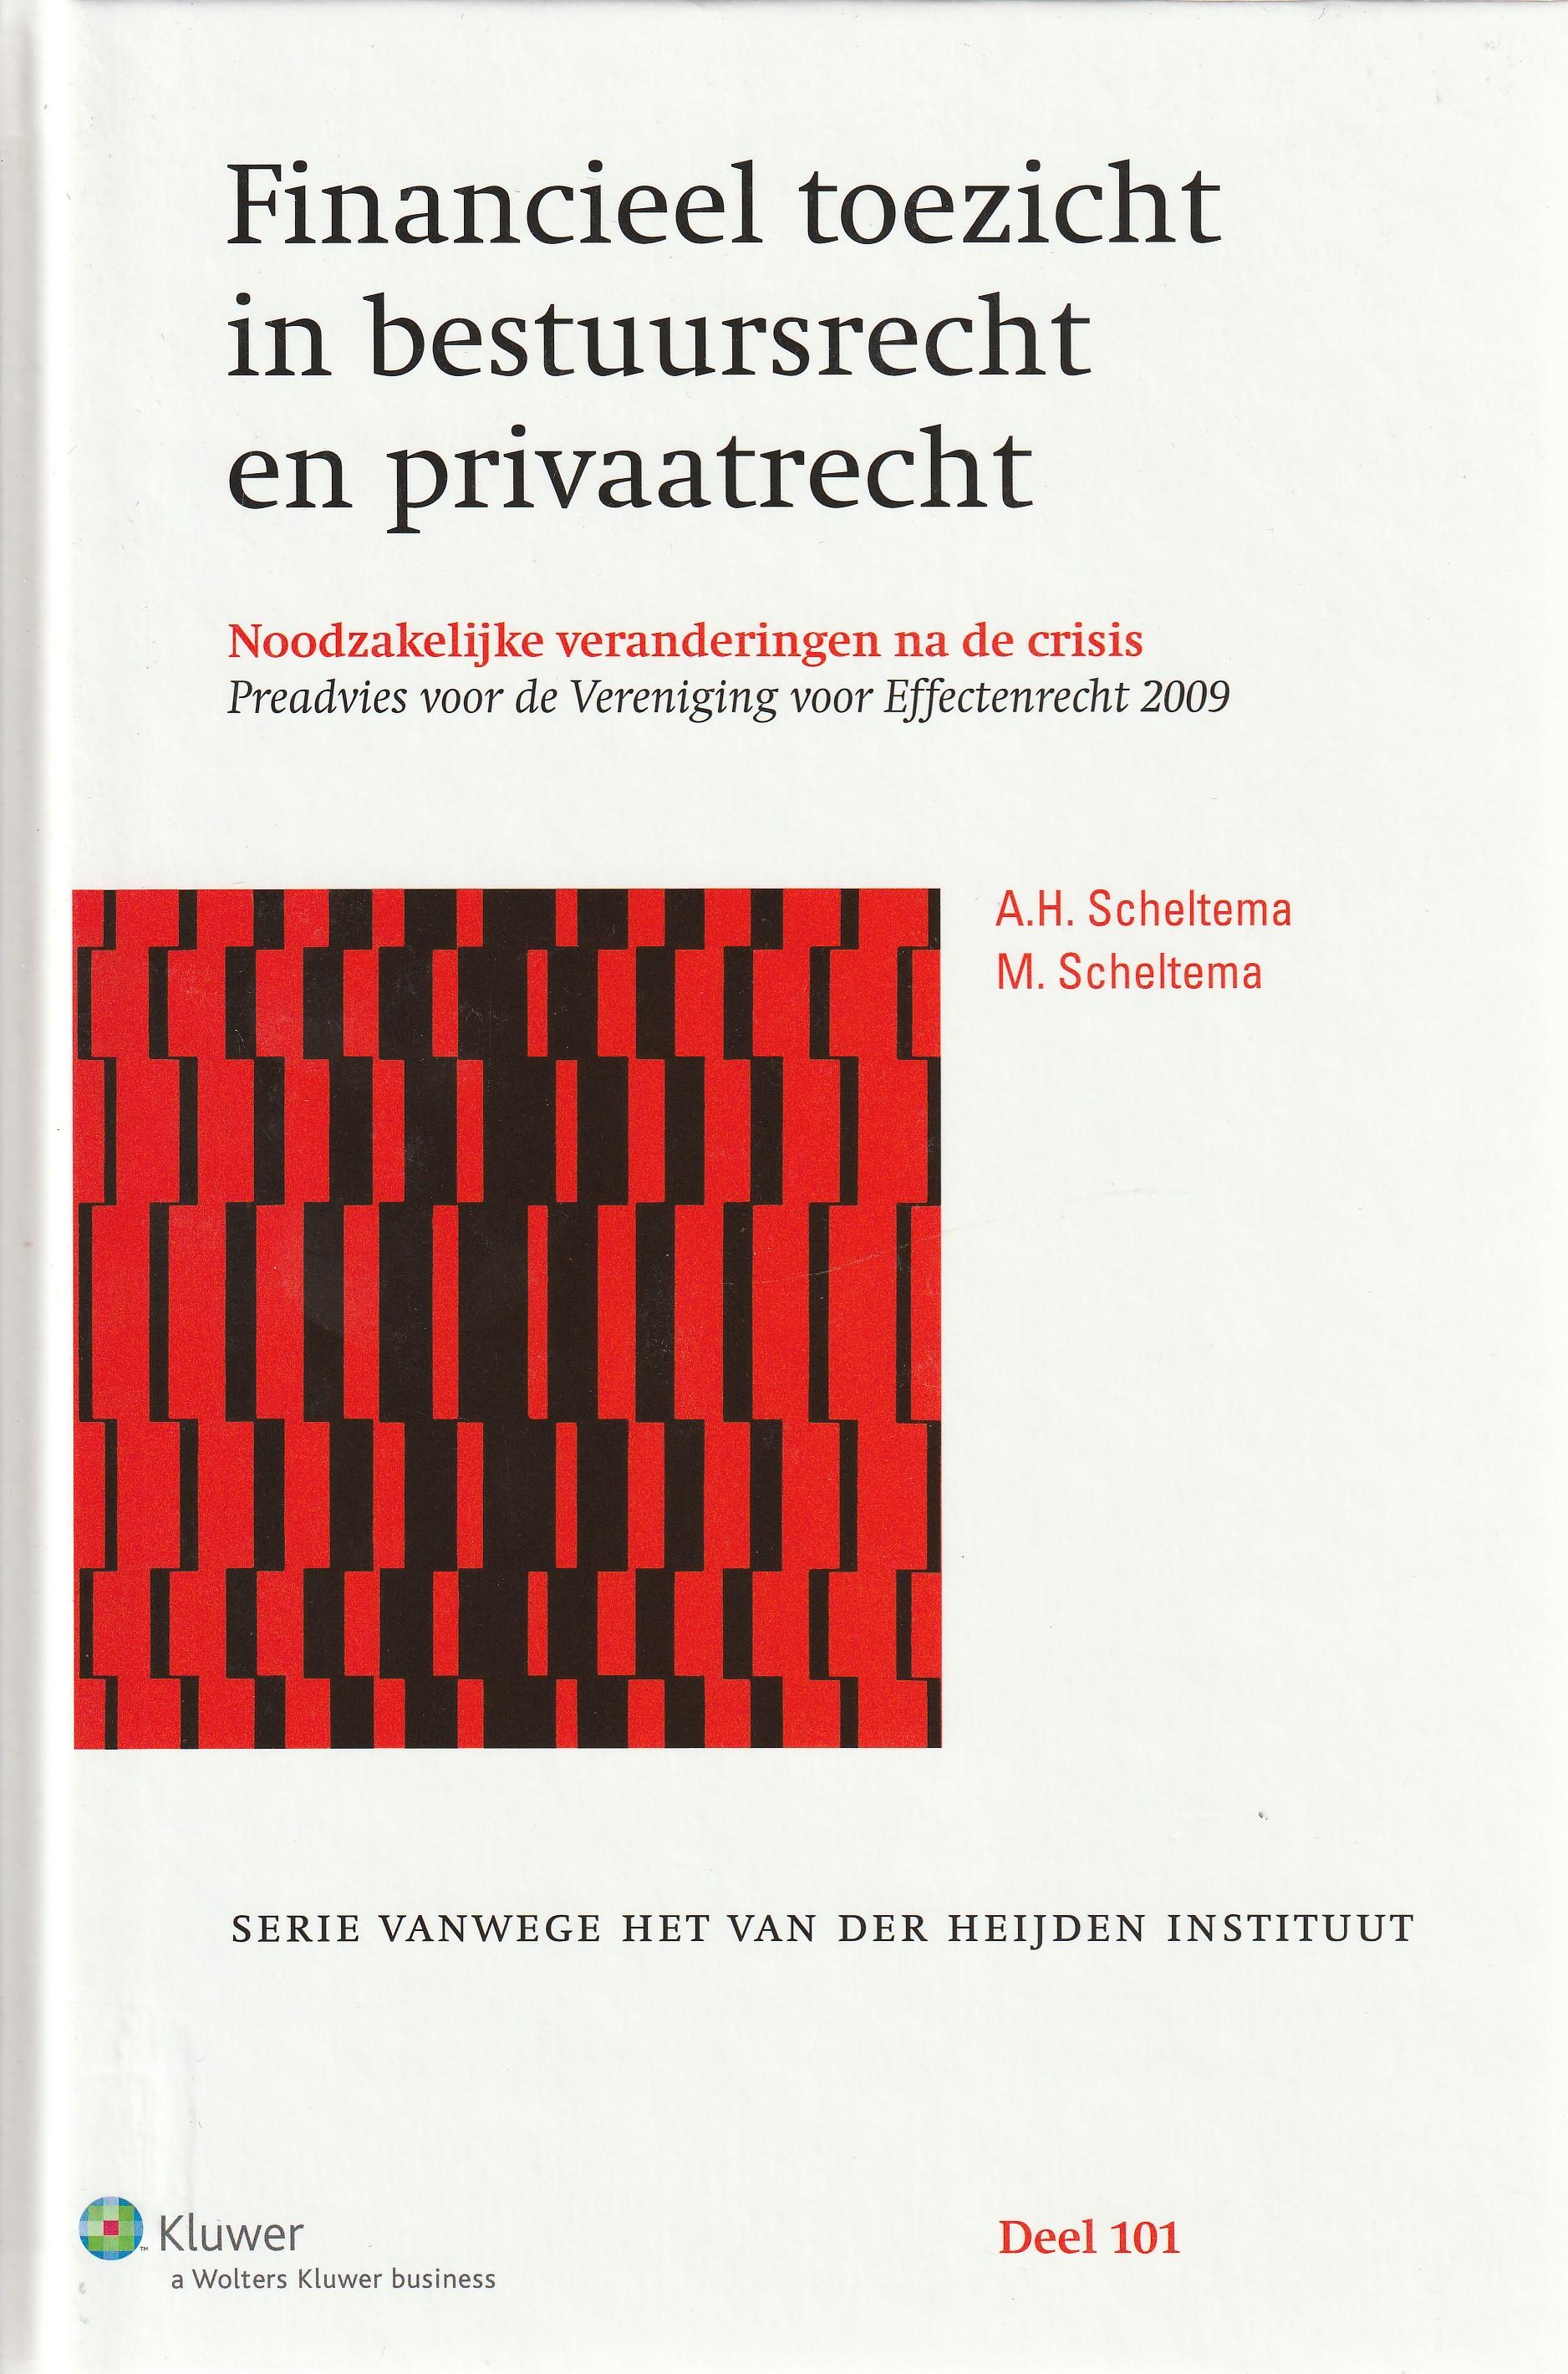 Financieel toezicht in bestuursrecht en privaatrecht; noodzakekelijke veranderingen na de crisis